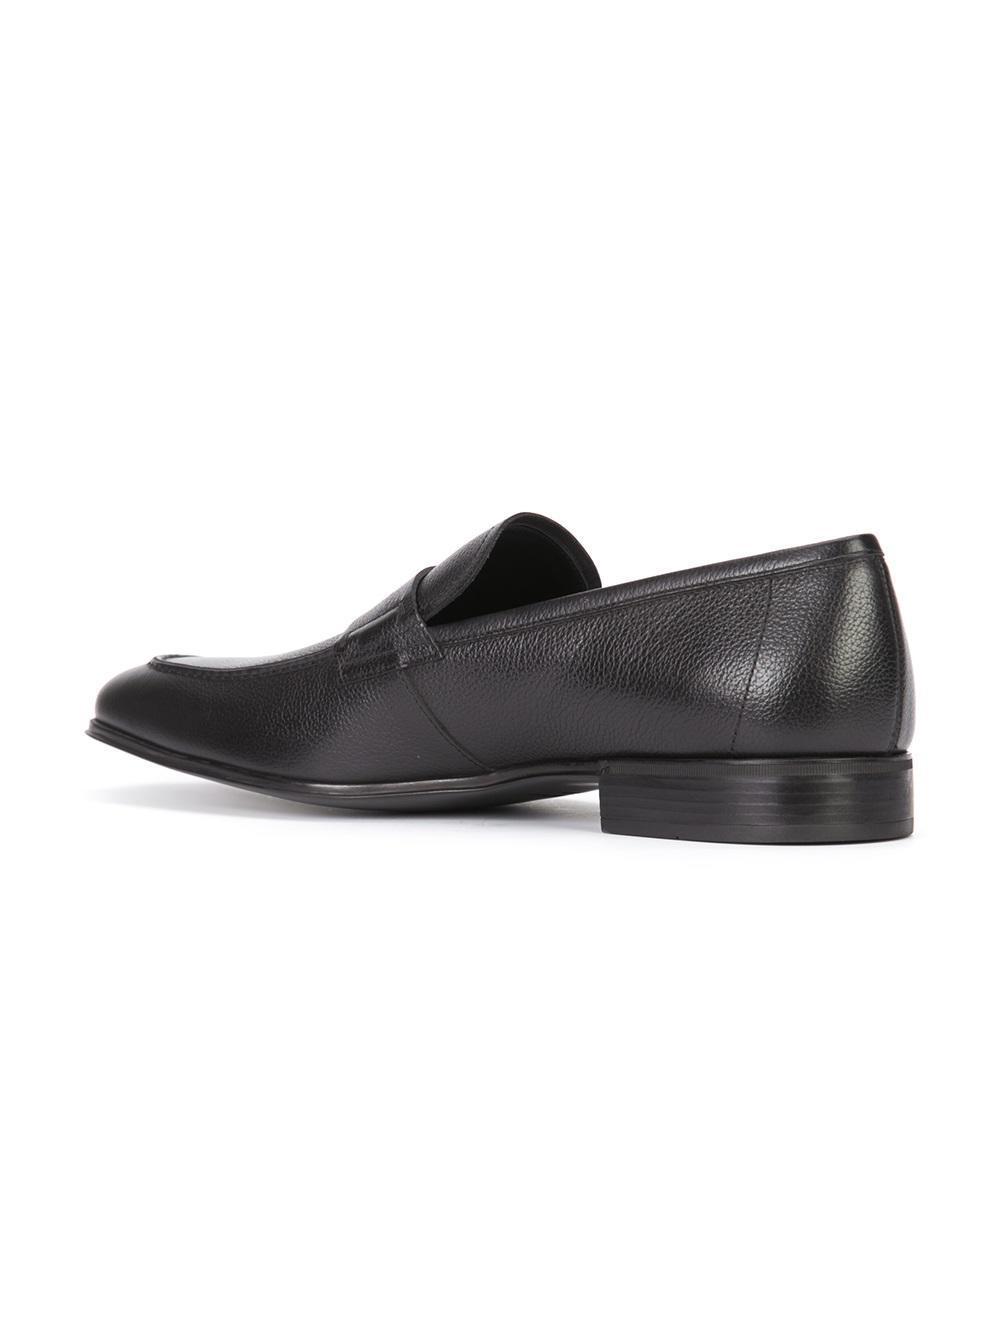 Ferragamo Fiorino Loafers In Black For Men Lyst